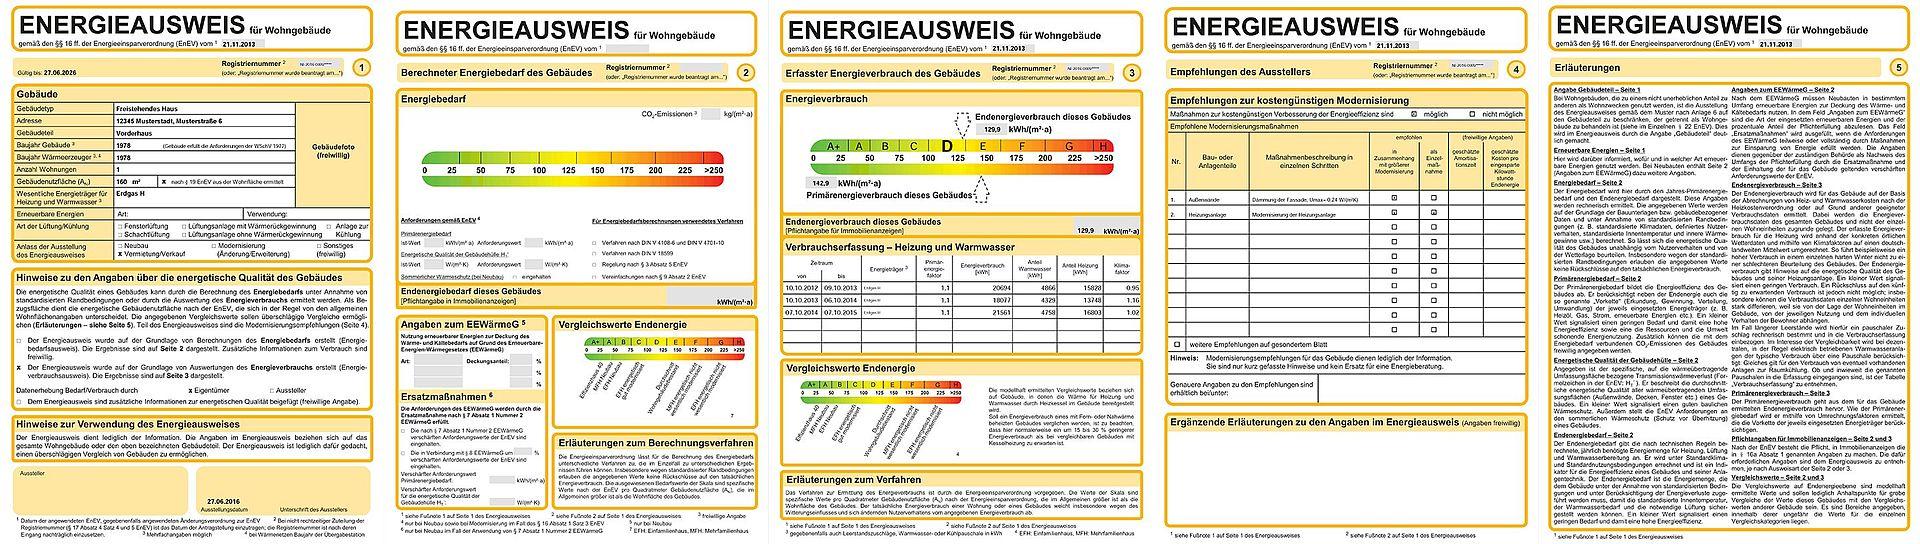 Energieausweis - So erhöhen Sie Ihre Verkaufschancen mit einer guten Wärmedämmung